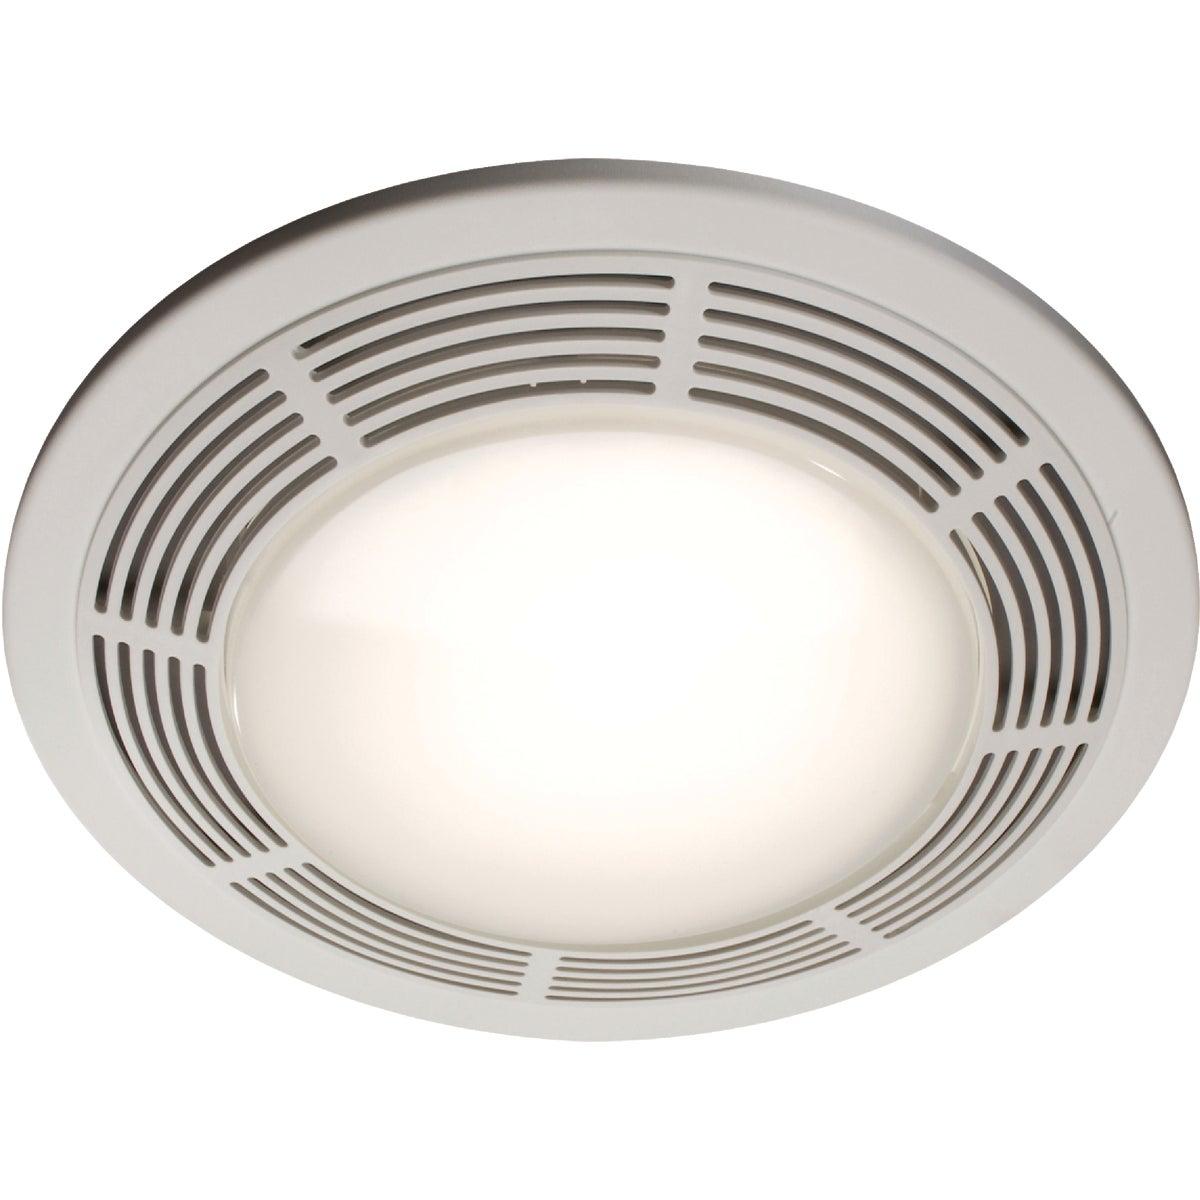 Broan Designers Series Bath Exhaust Fan, 750